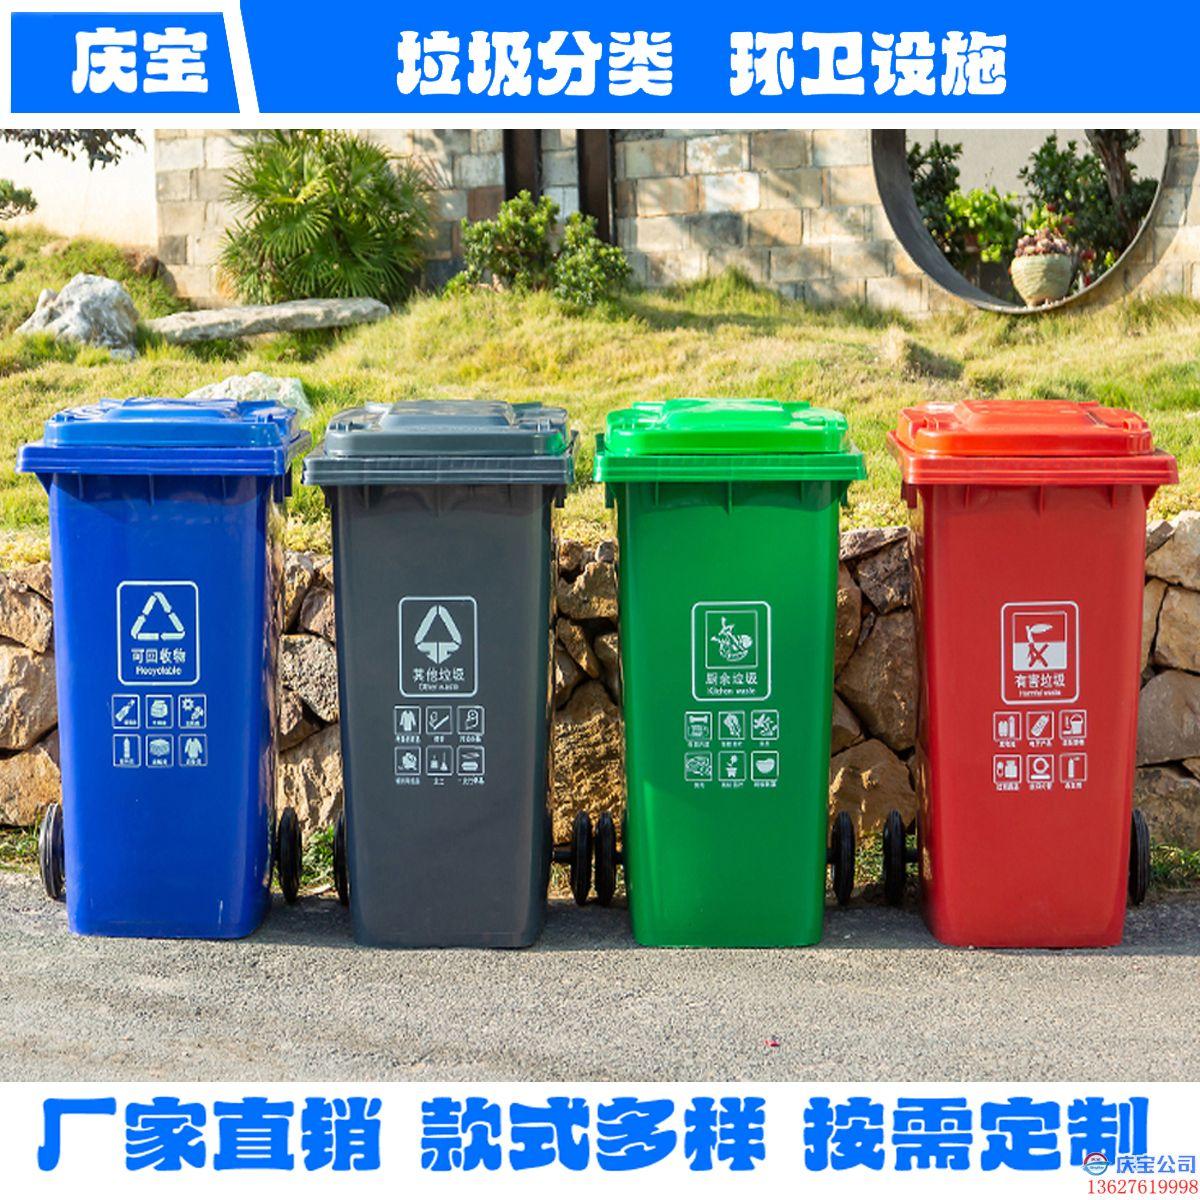 塑料垃圾桶厂家直销款式多样